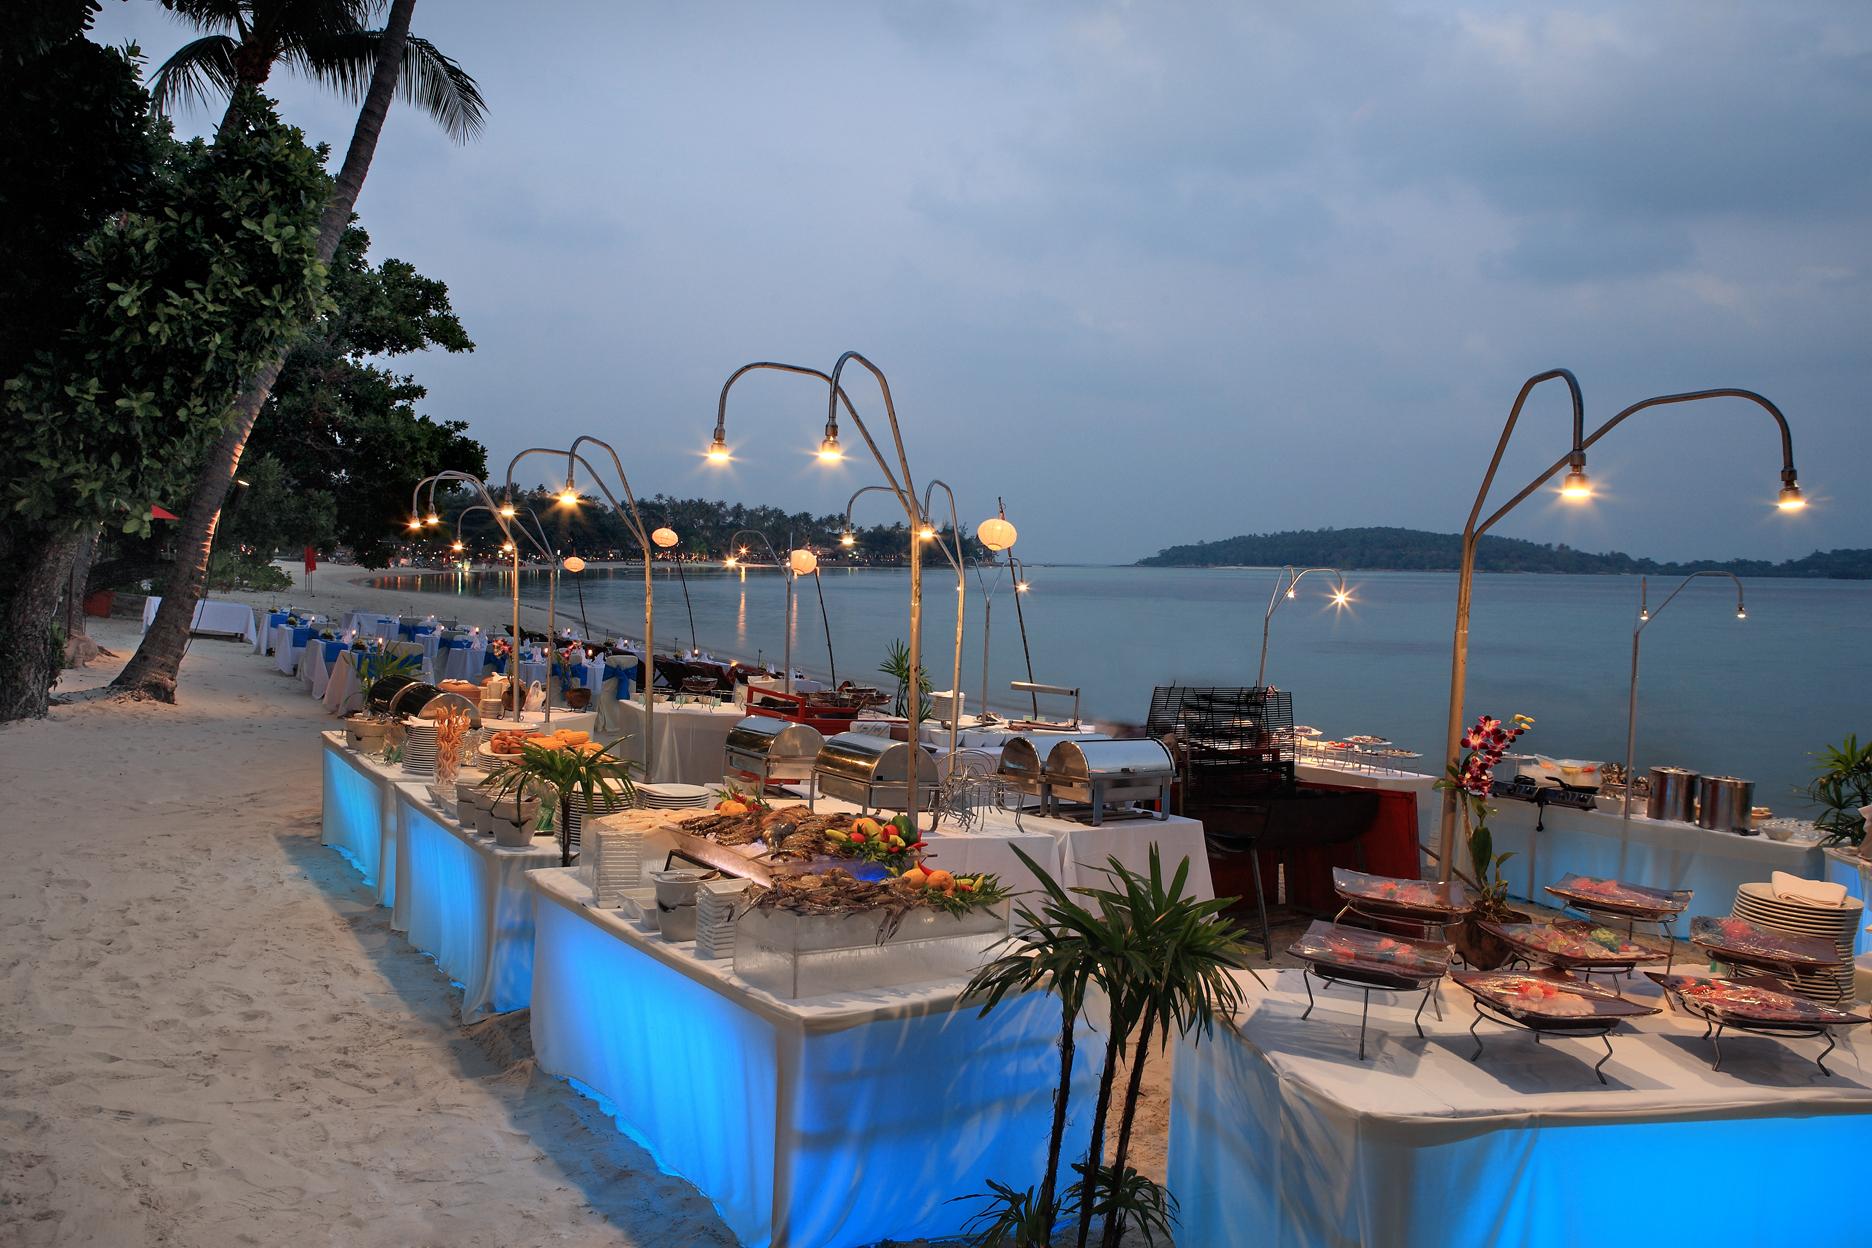 酒店图片   苏梅岛阿玛瑞棕榈珊瑚酒店, 苏梅岛; 苏梅岛棕榈礁度假